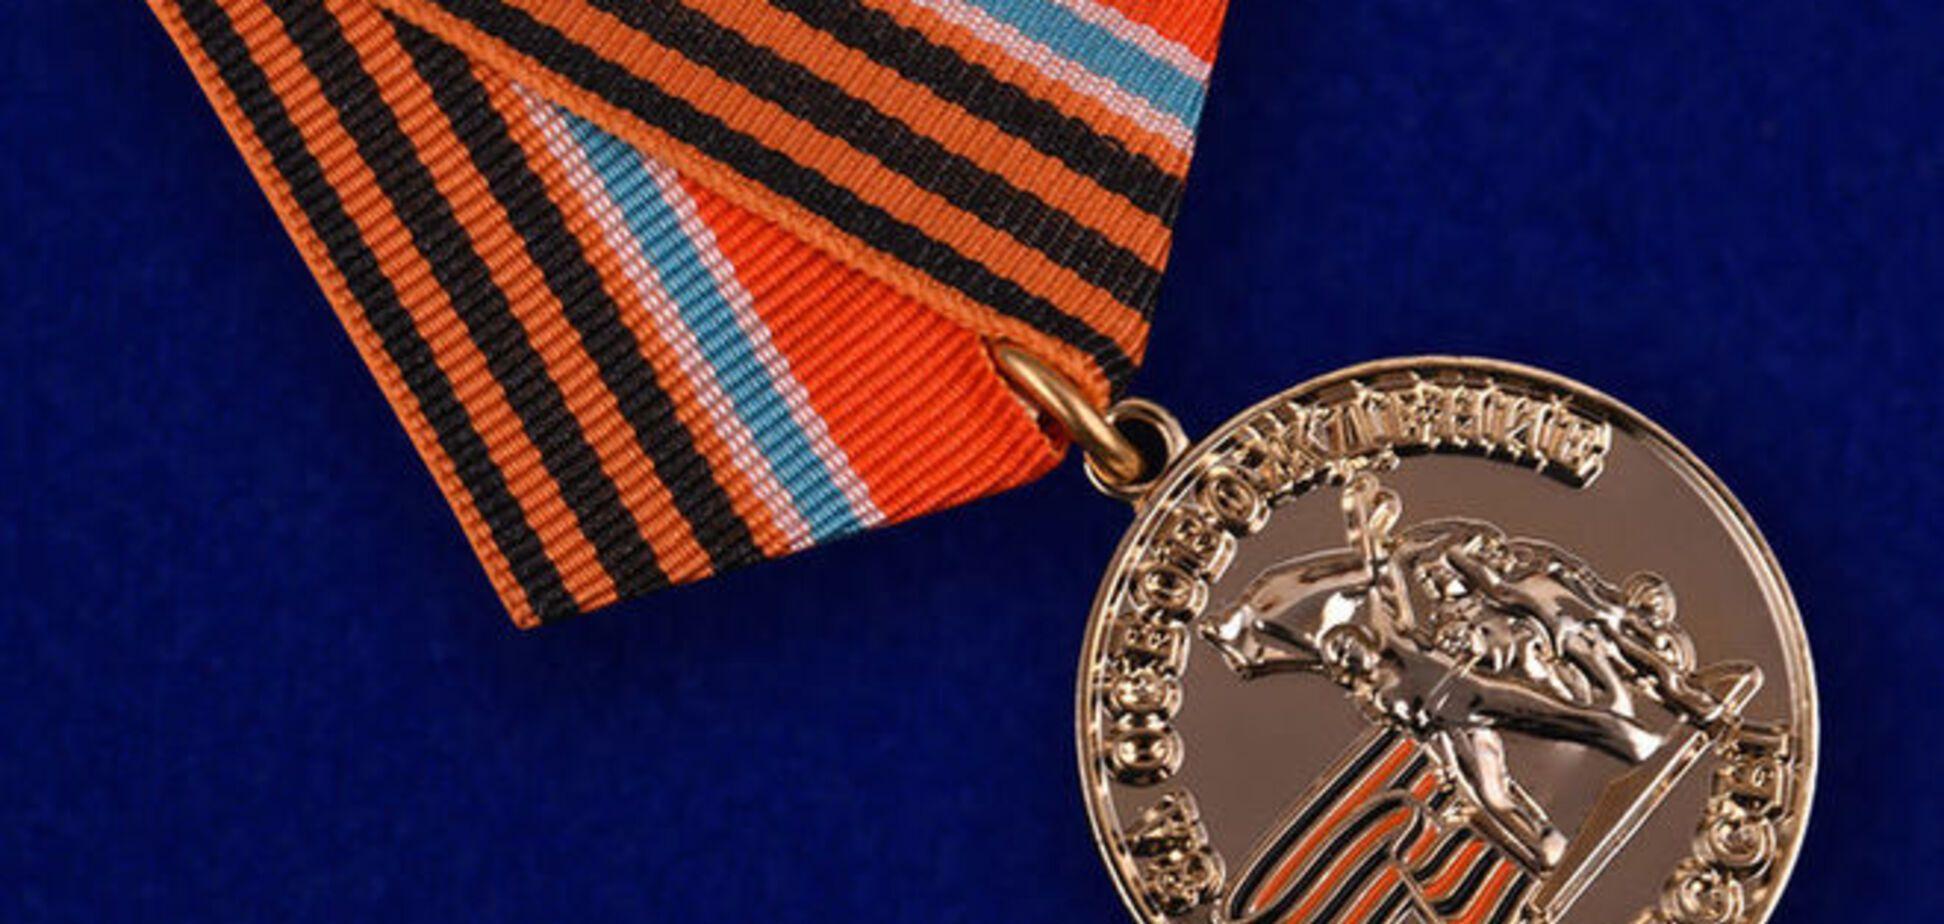 Из 'зарплаты' террористов вычли стоимость медальки 'За взятие Дебальцево'